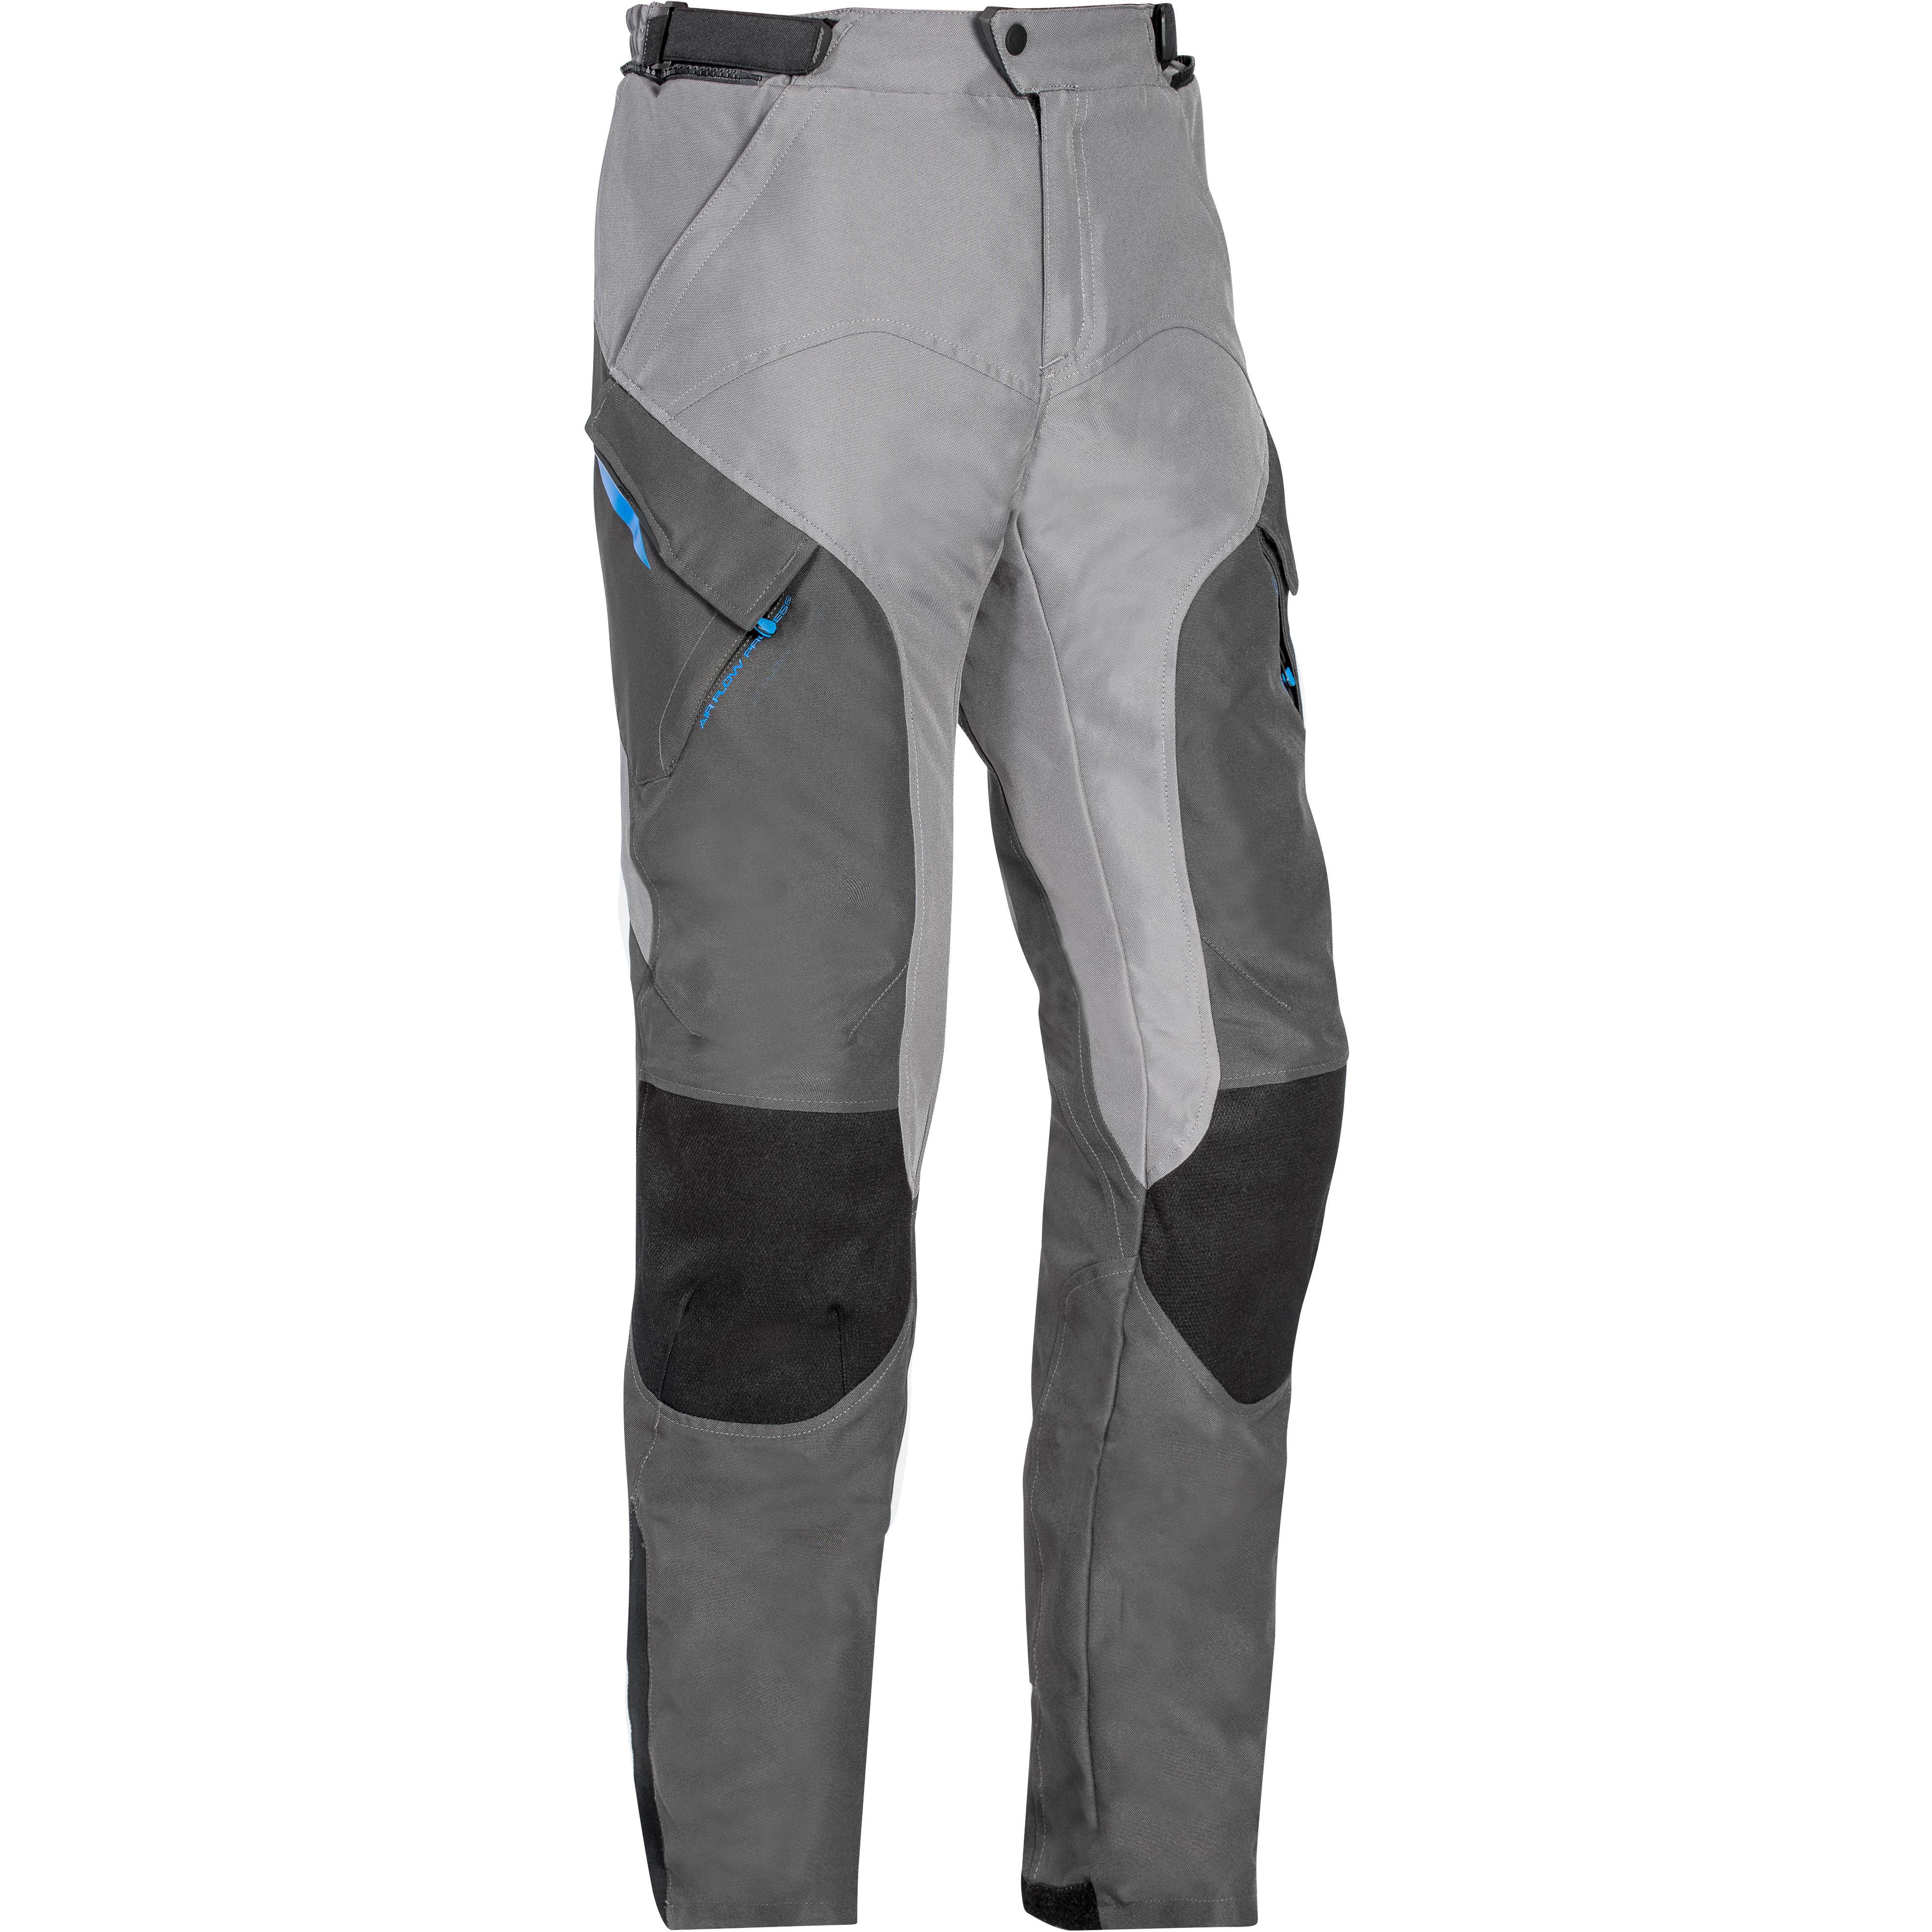 Pantalon CROSSTOUR 2 PANT IXON